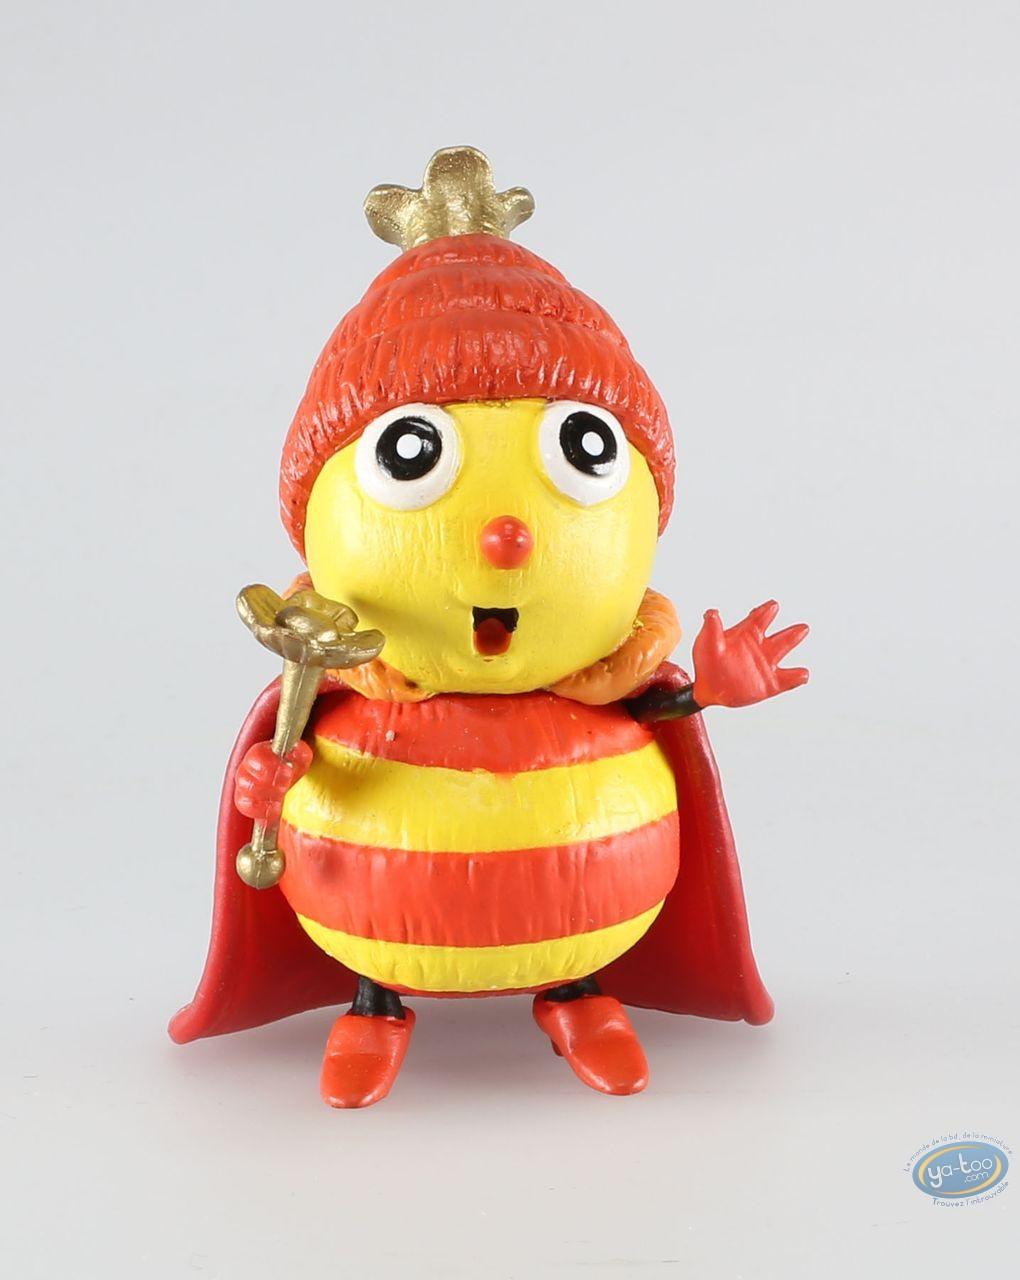 Plastic Figurine, Drôles de Petites Bêtes : La reine des abeilles